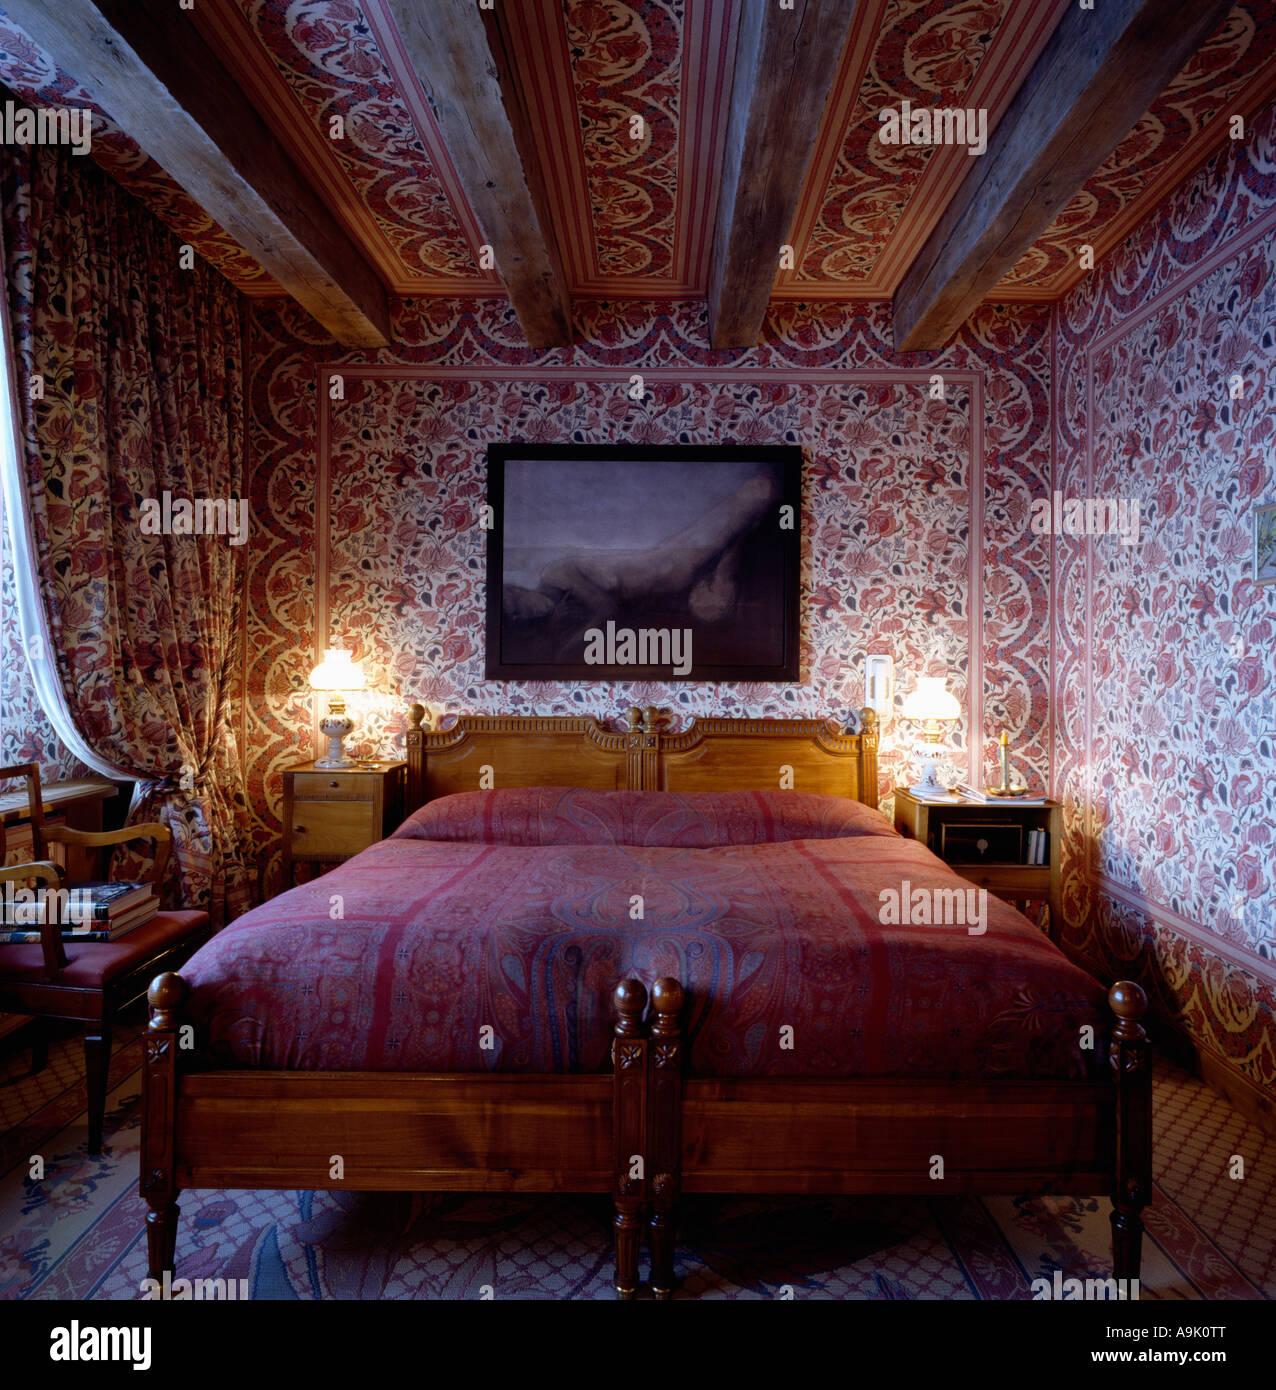 Lampe Schlafzimmer Rosa. Biber Bettwäsche Kindermotiv